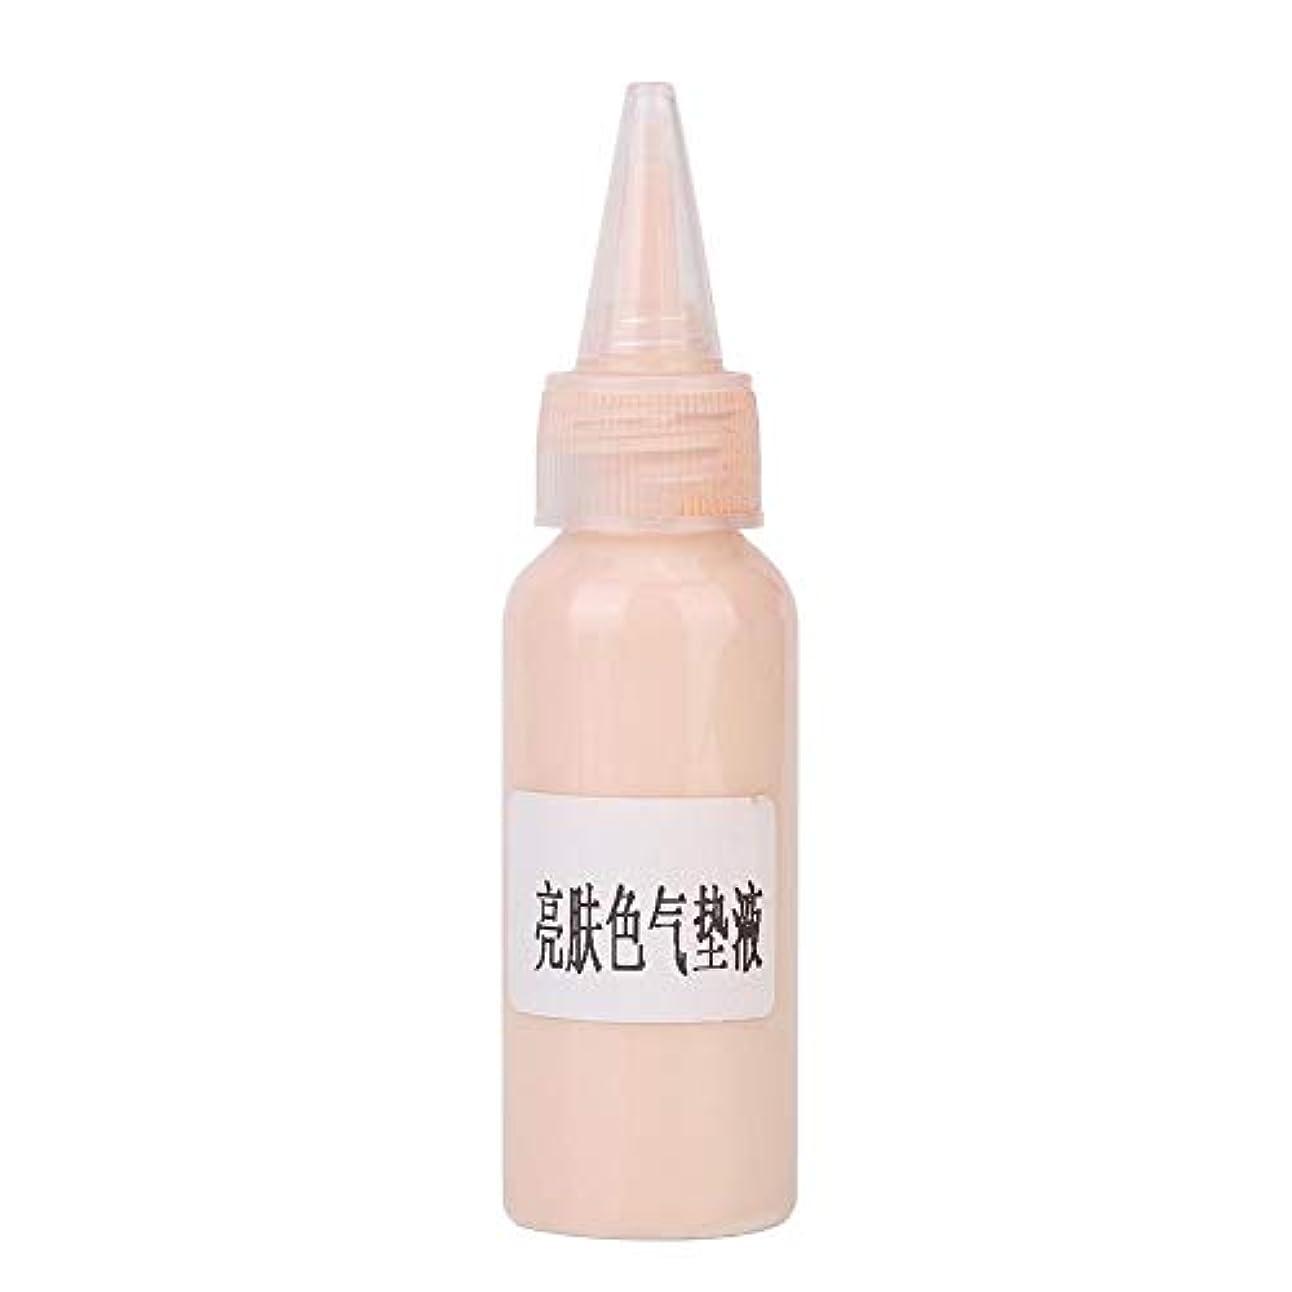 清める賞賛節約する30g DIY リキッドファンデーション 化粧品 肌の調子 コンシーラーリキッドエアクッションリキッド(01)